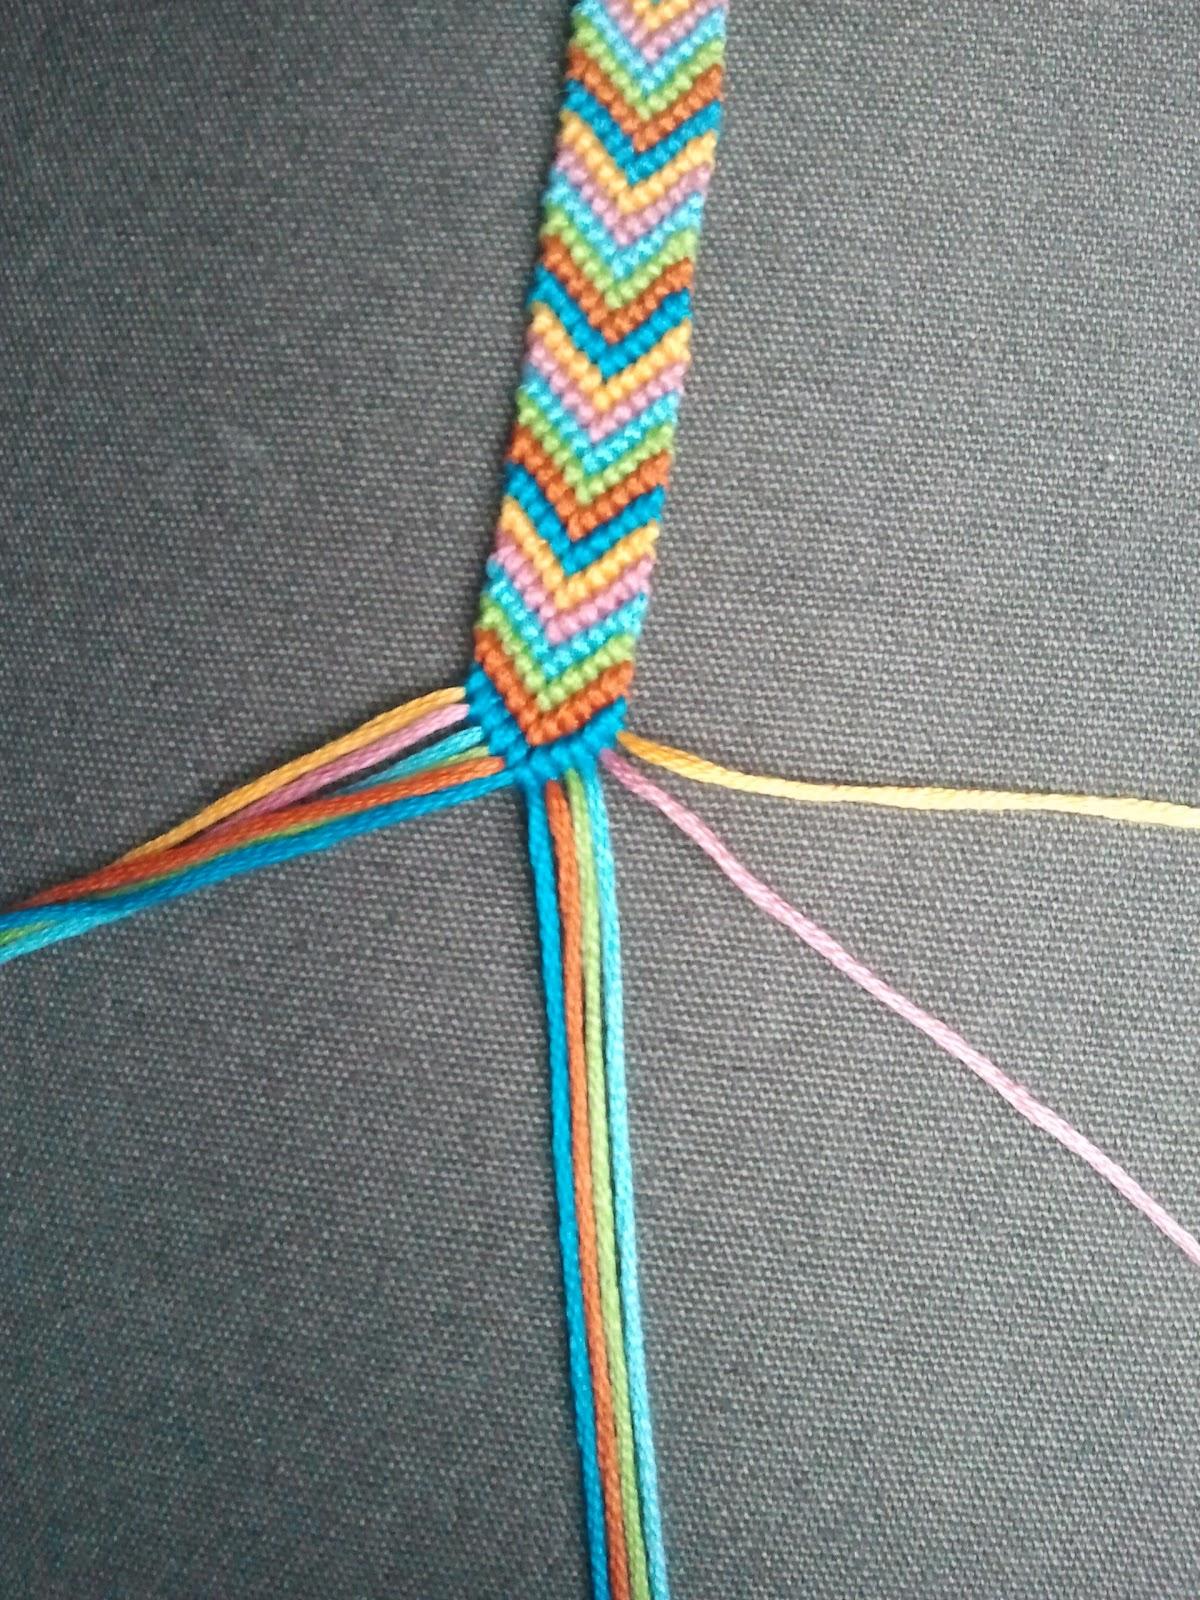 Ici jaune,rose,turquoise,vert,orange,bleu à gauche \u0026  bleu,orange,vert,turquoise,rose,jaune à droite. Le but étant de descendre  une même couleur le long de